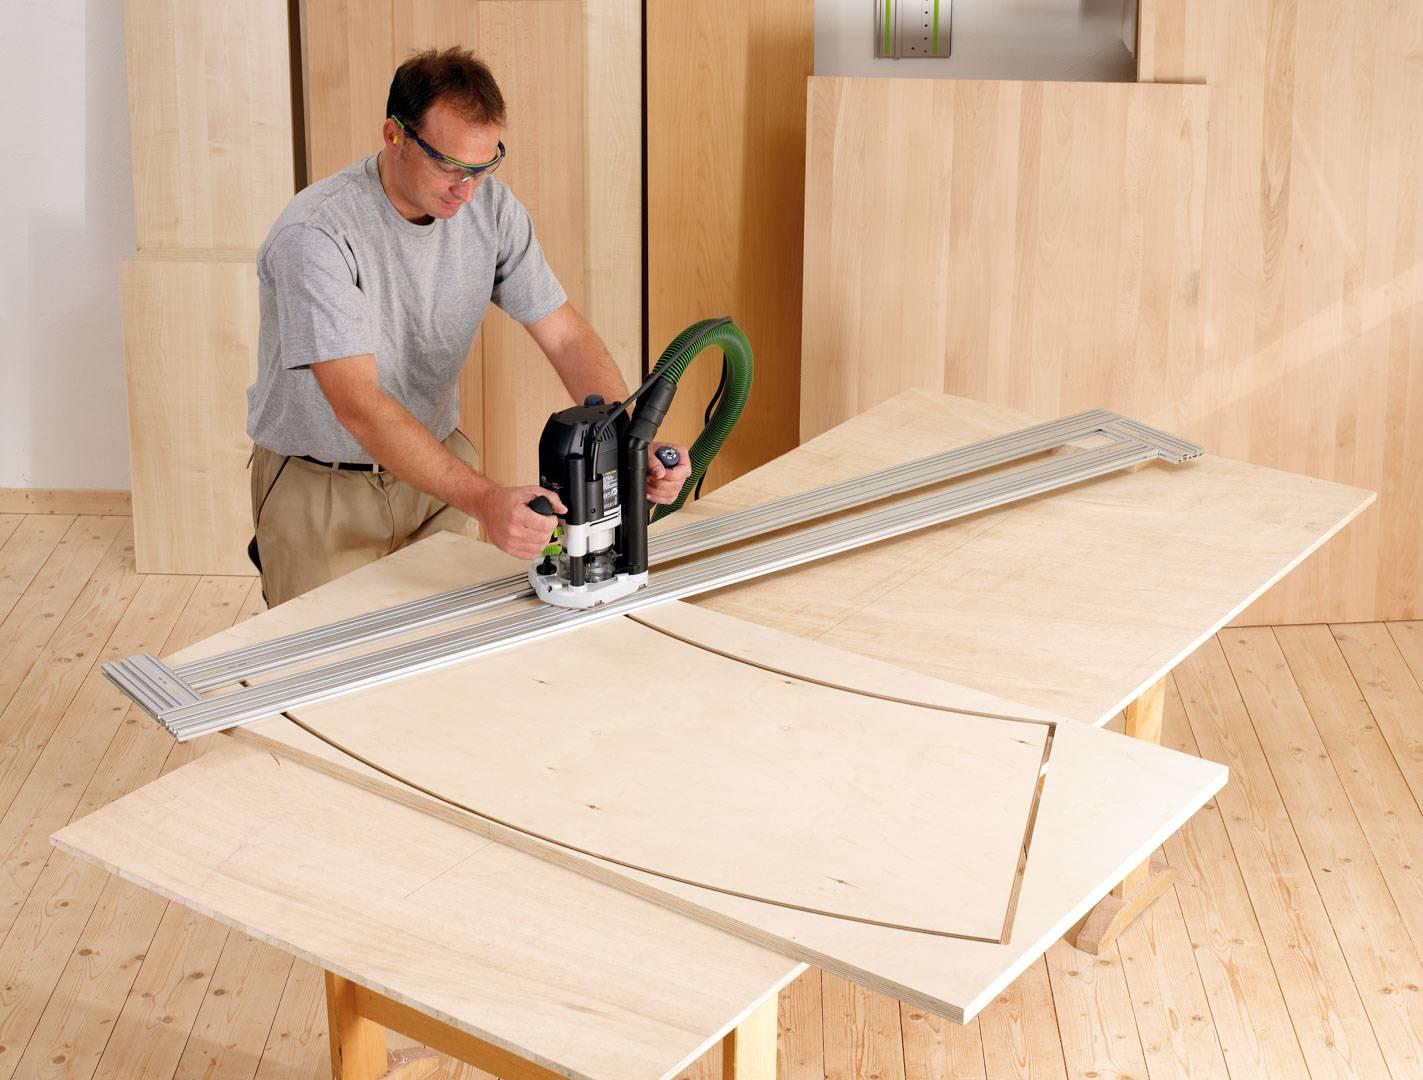 Utensili Per Lavorare Il Legno : Utensili per legno indispensabili per lavorare a mano